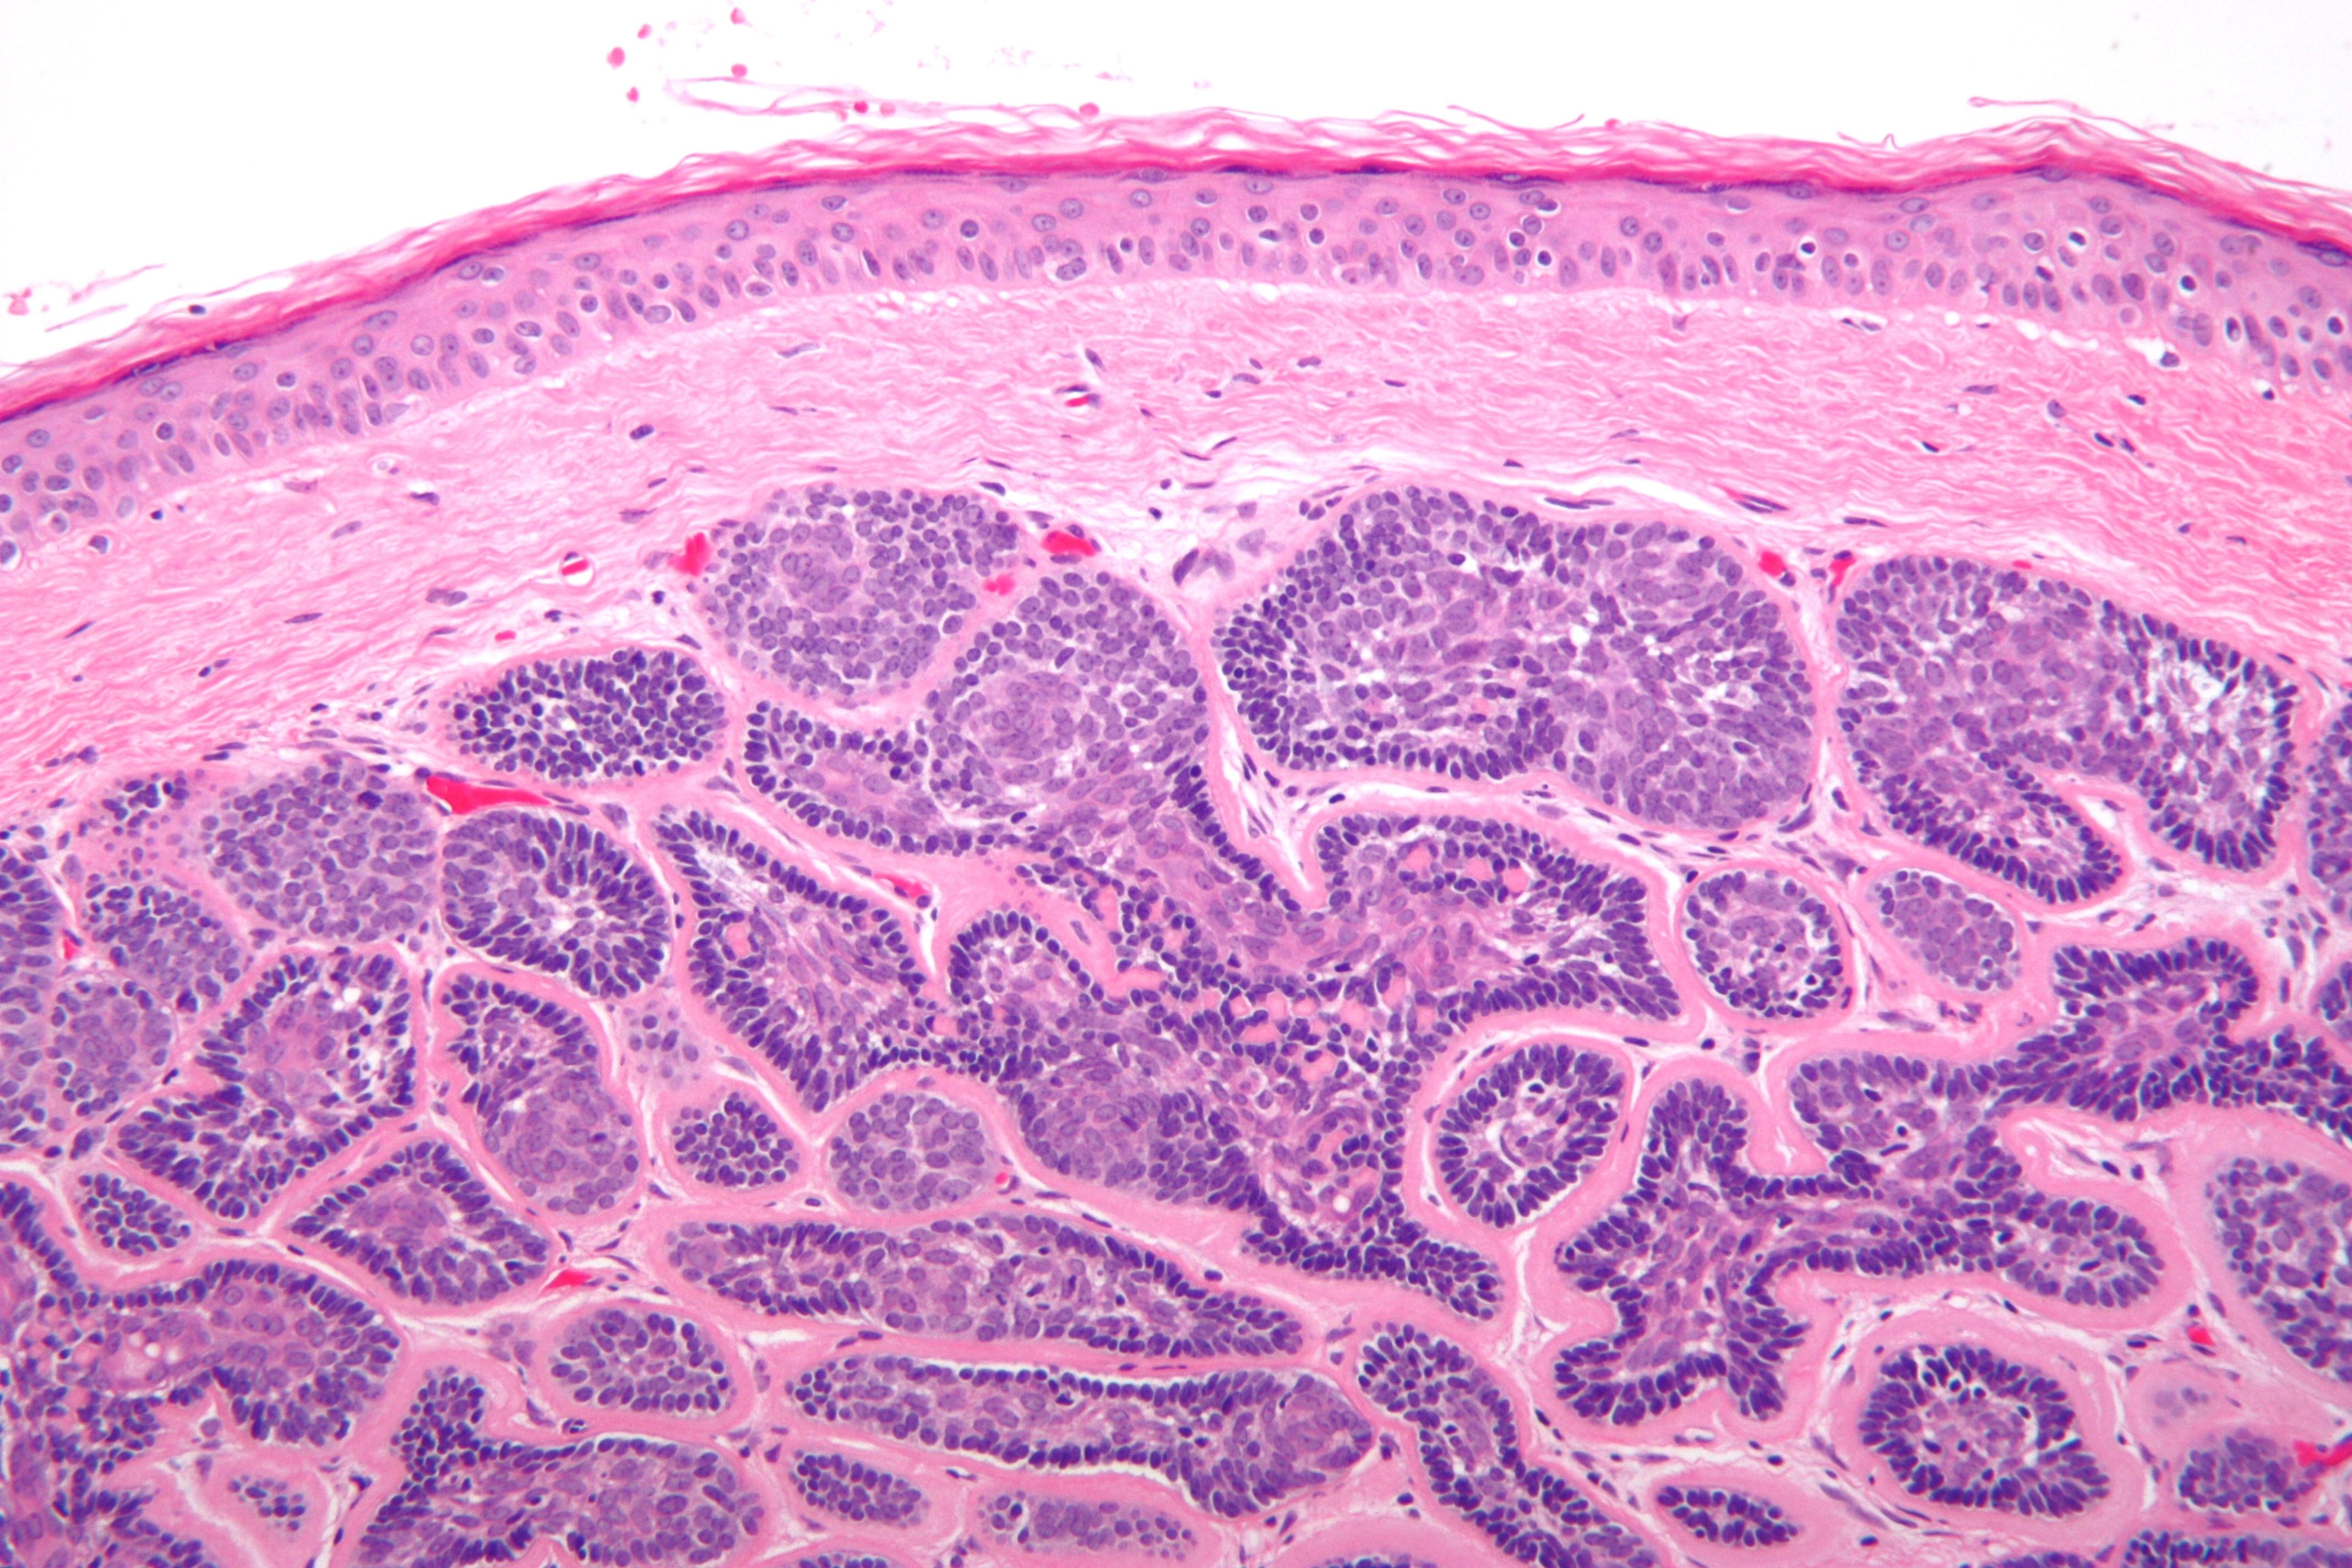 papilloma pathology outlines skin